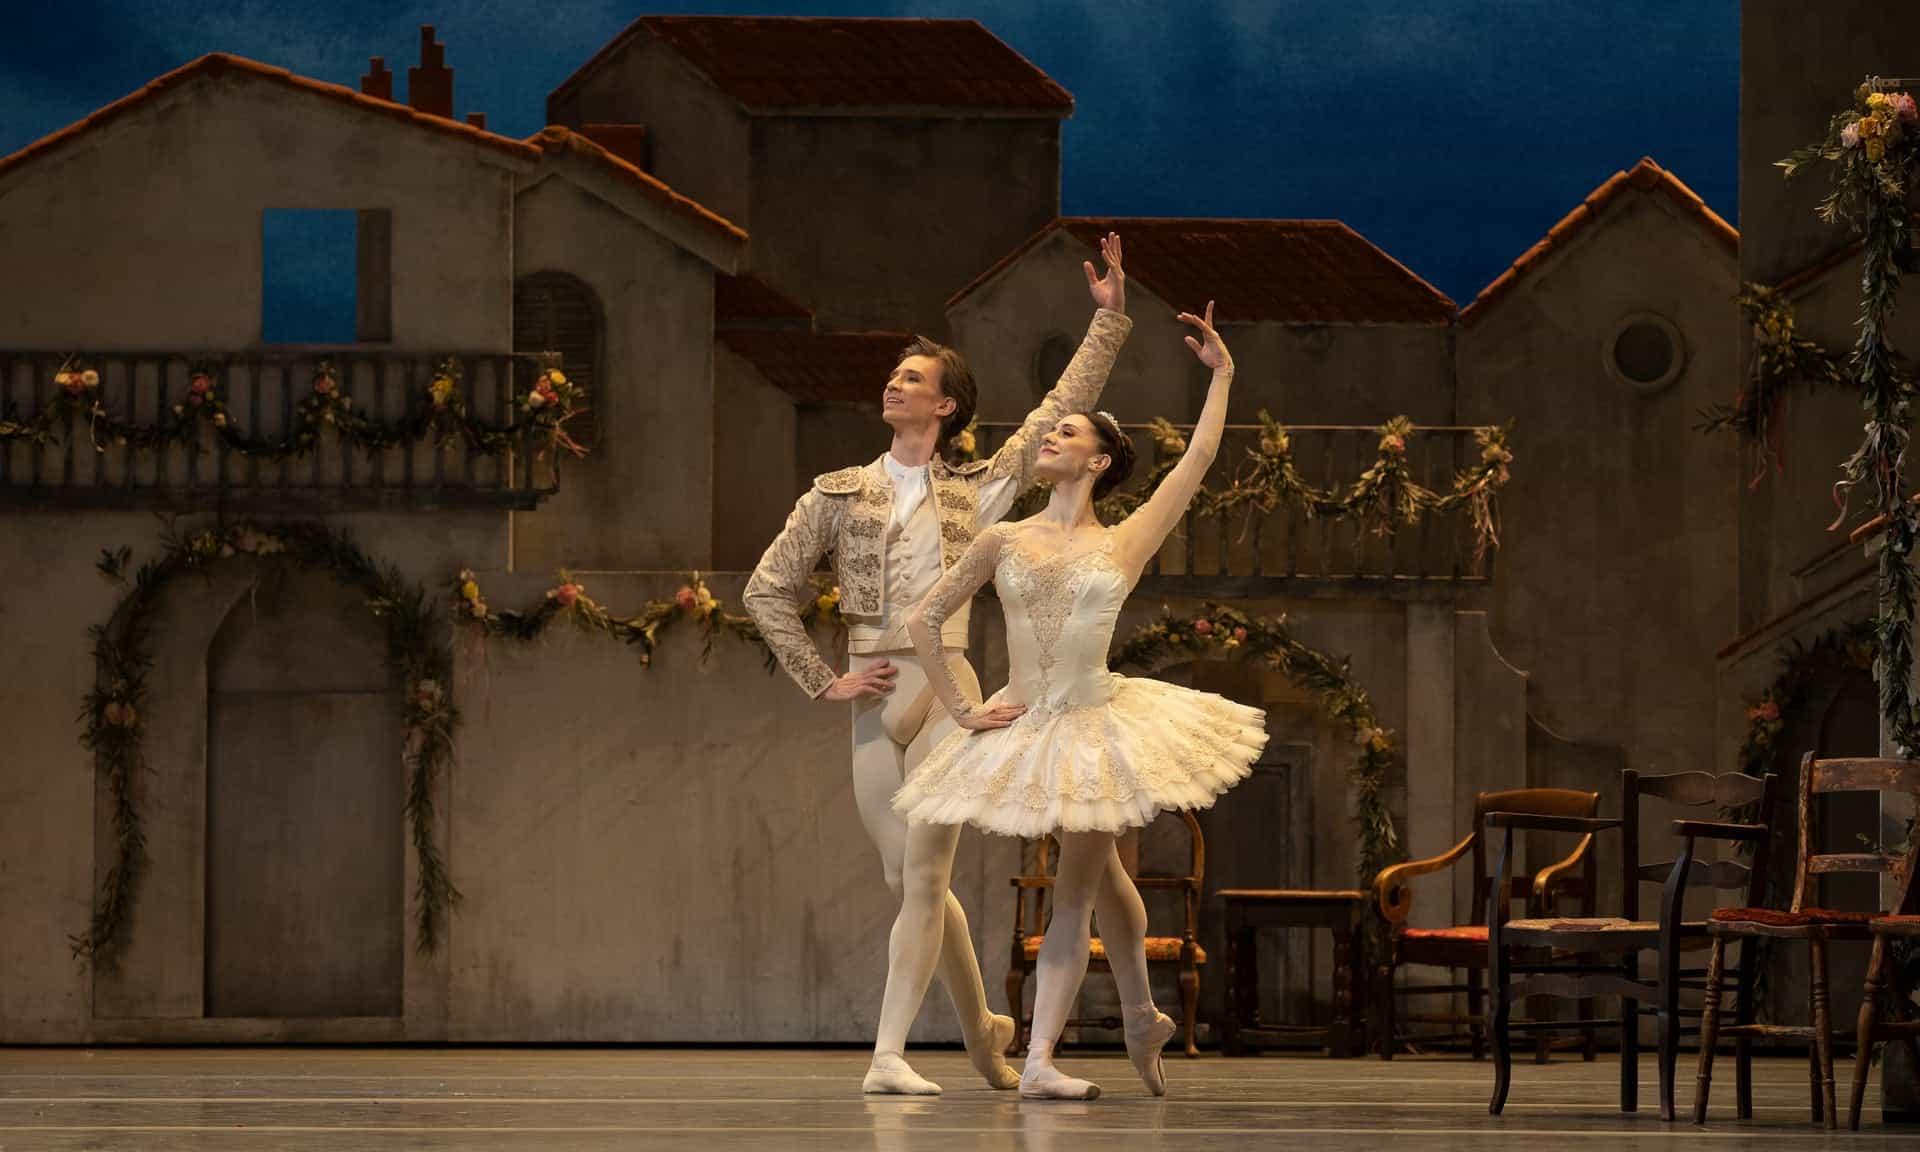 La compañía de ballet Royal Ballet vuelve al escenario para una presentación que se transmitirá de forma online